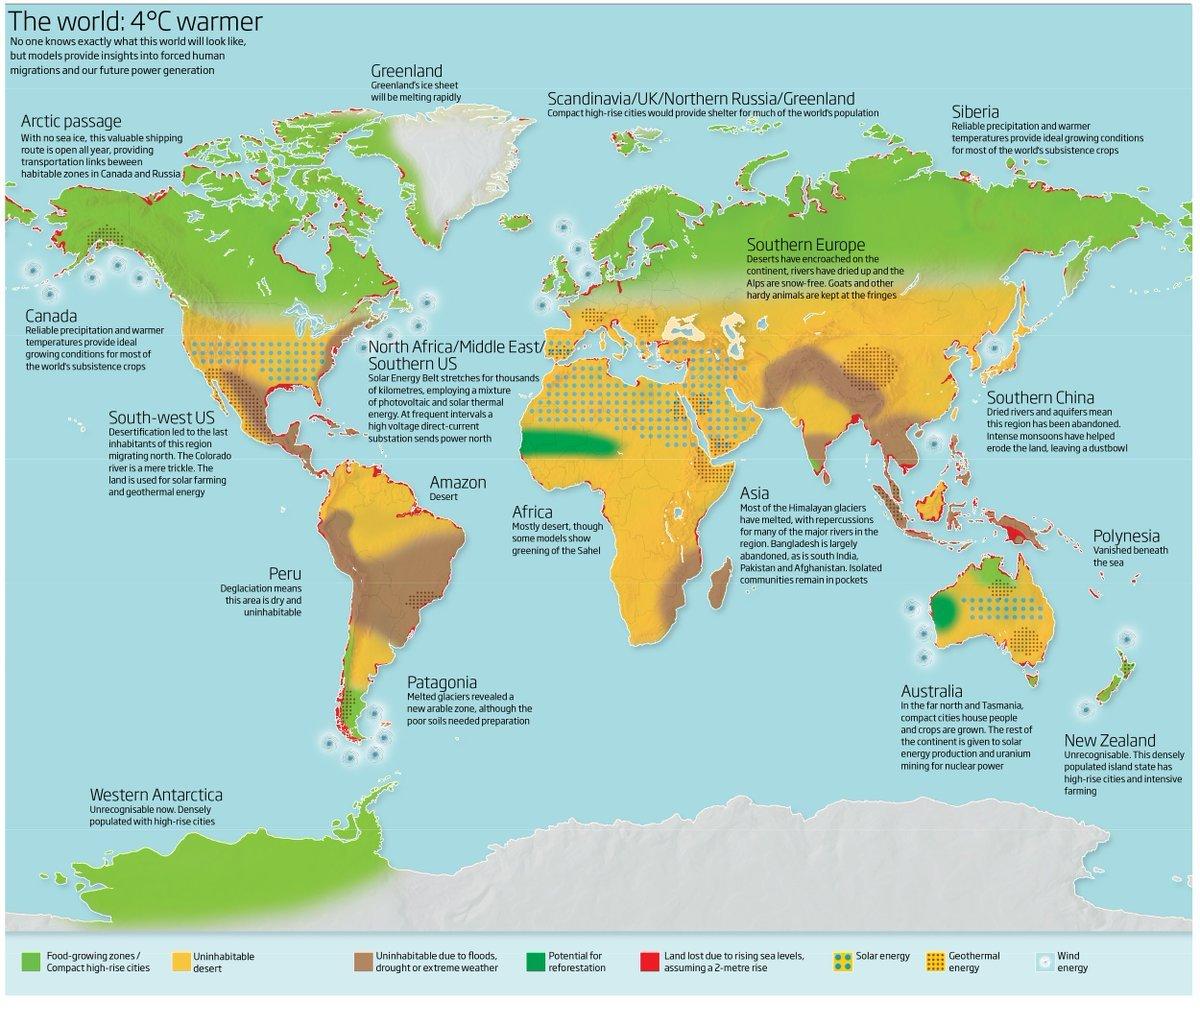 Carte du monde avec quatre degrés de plus